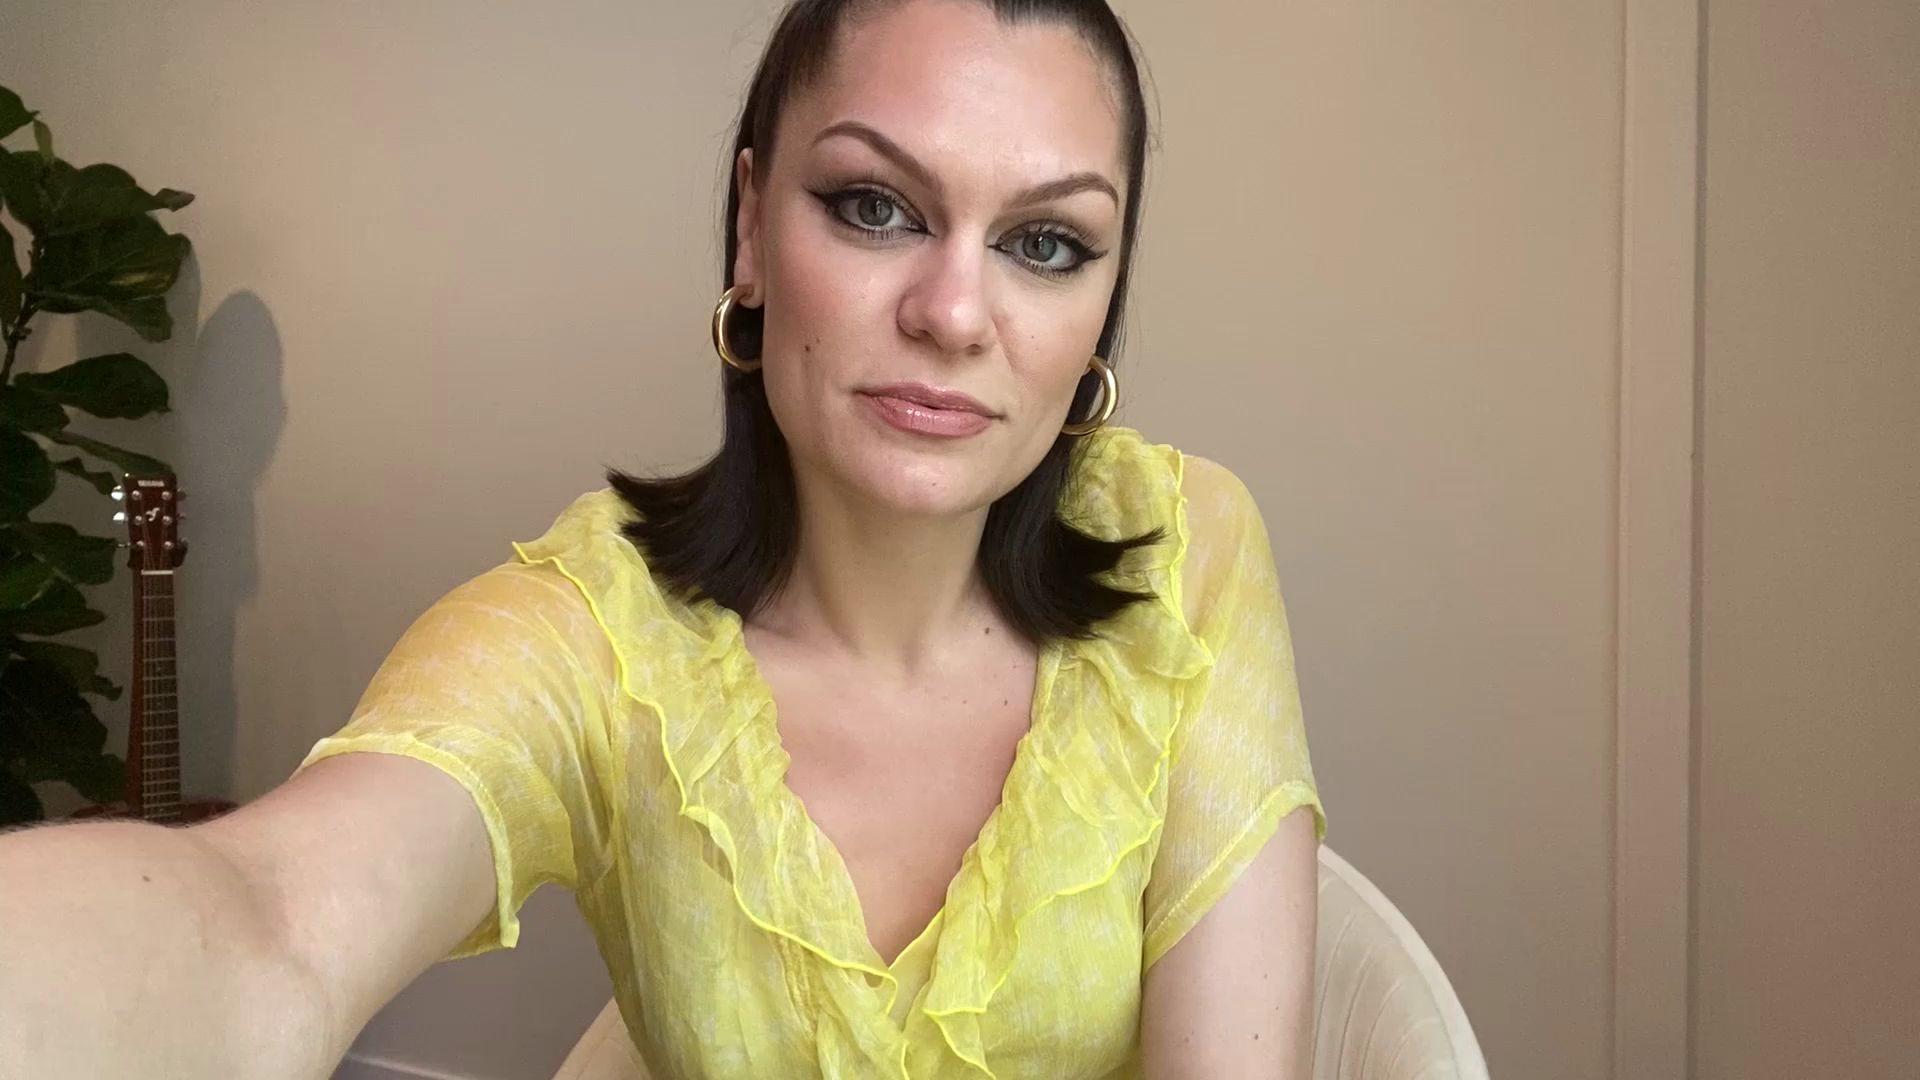 中国的朋友大家好,我是Jessie J